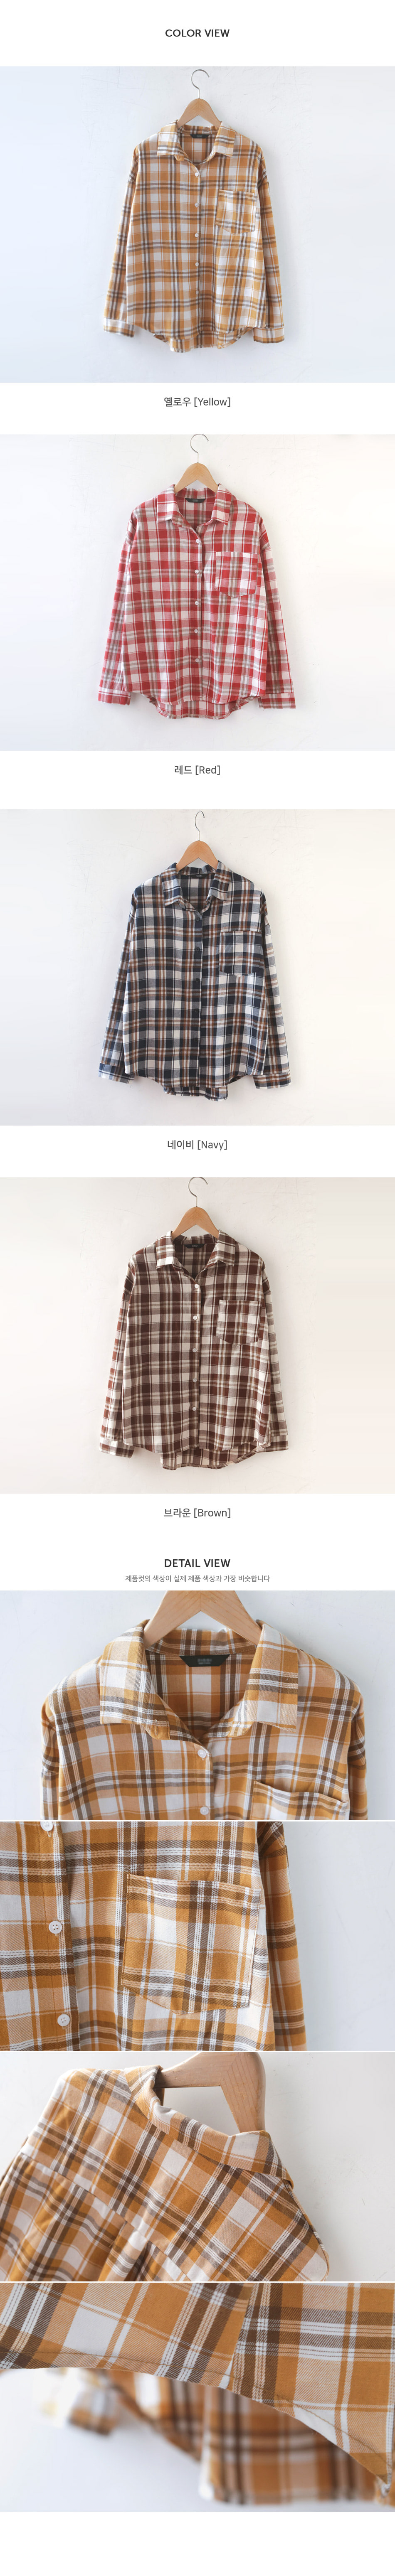 Core check shirt